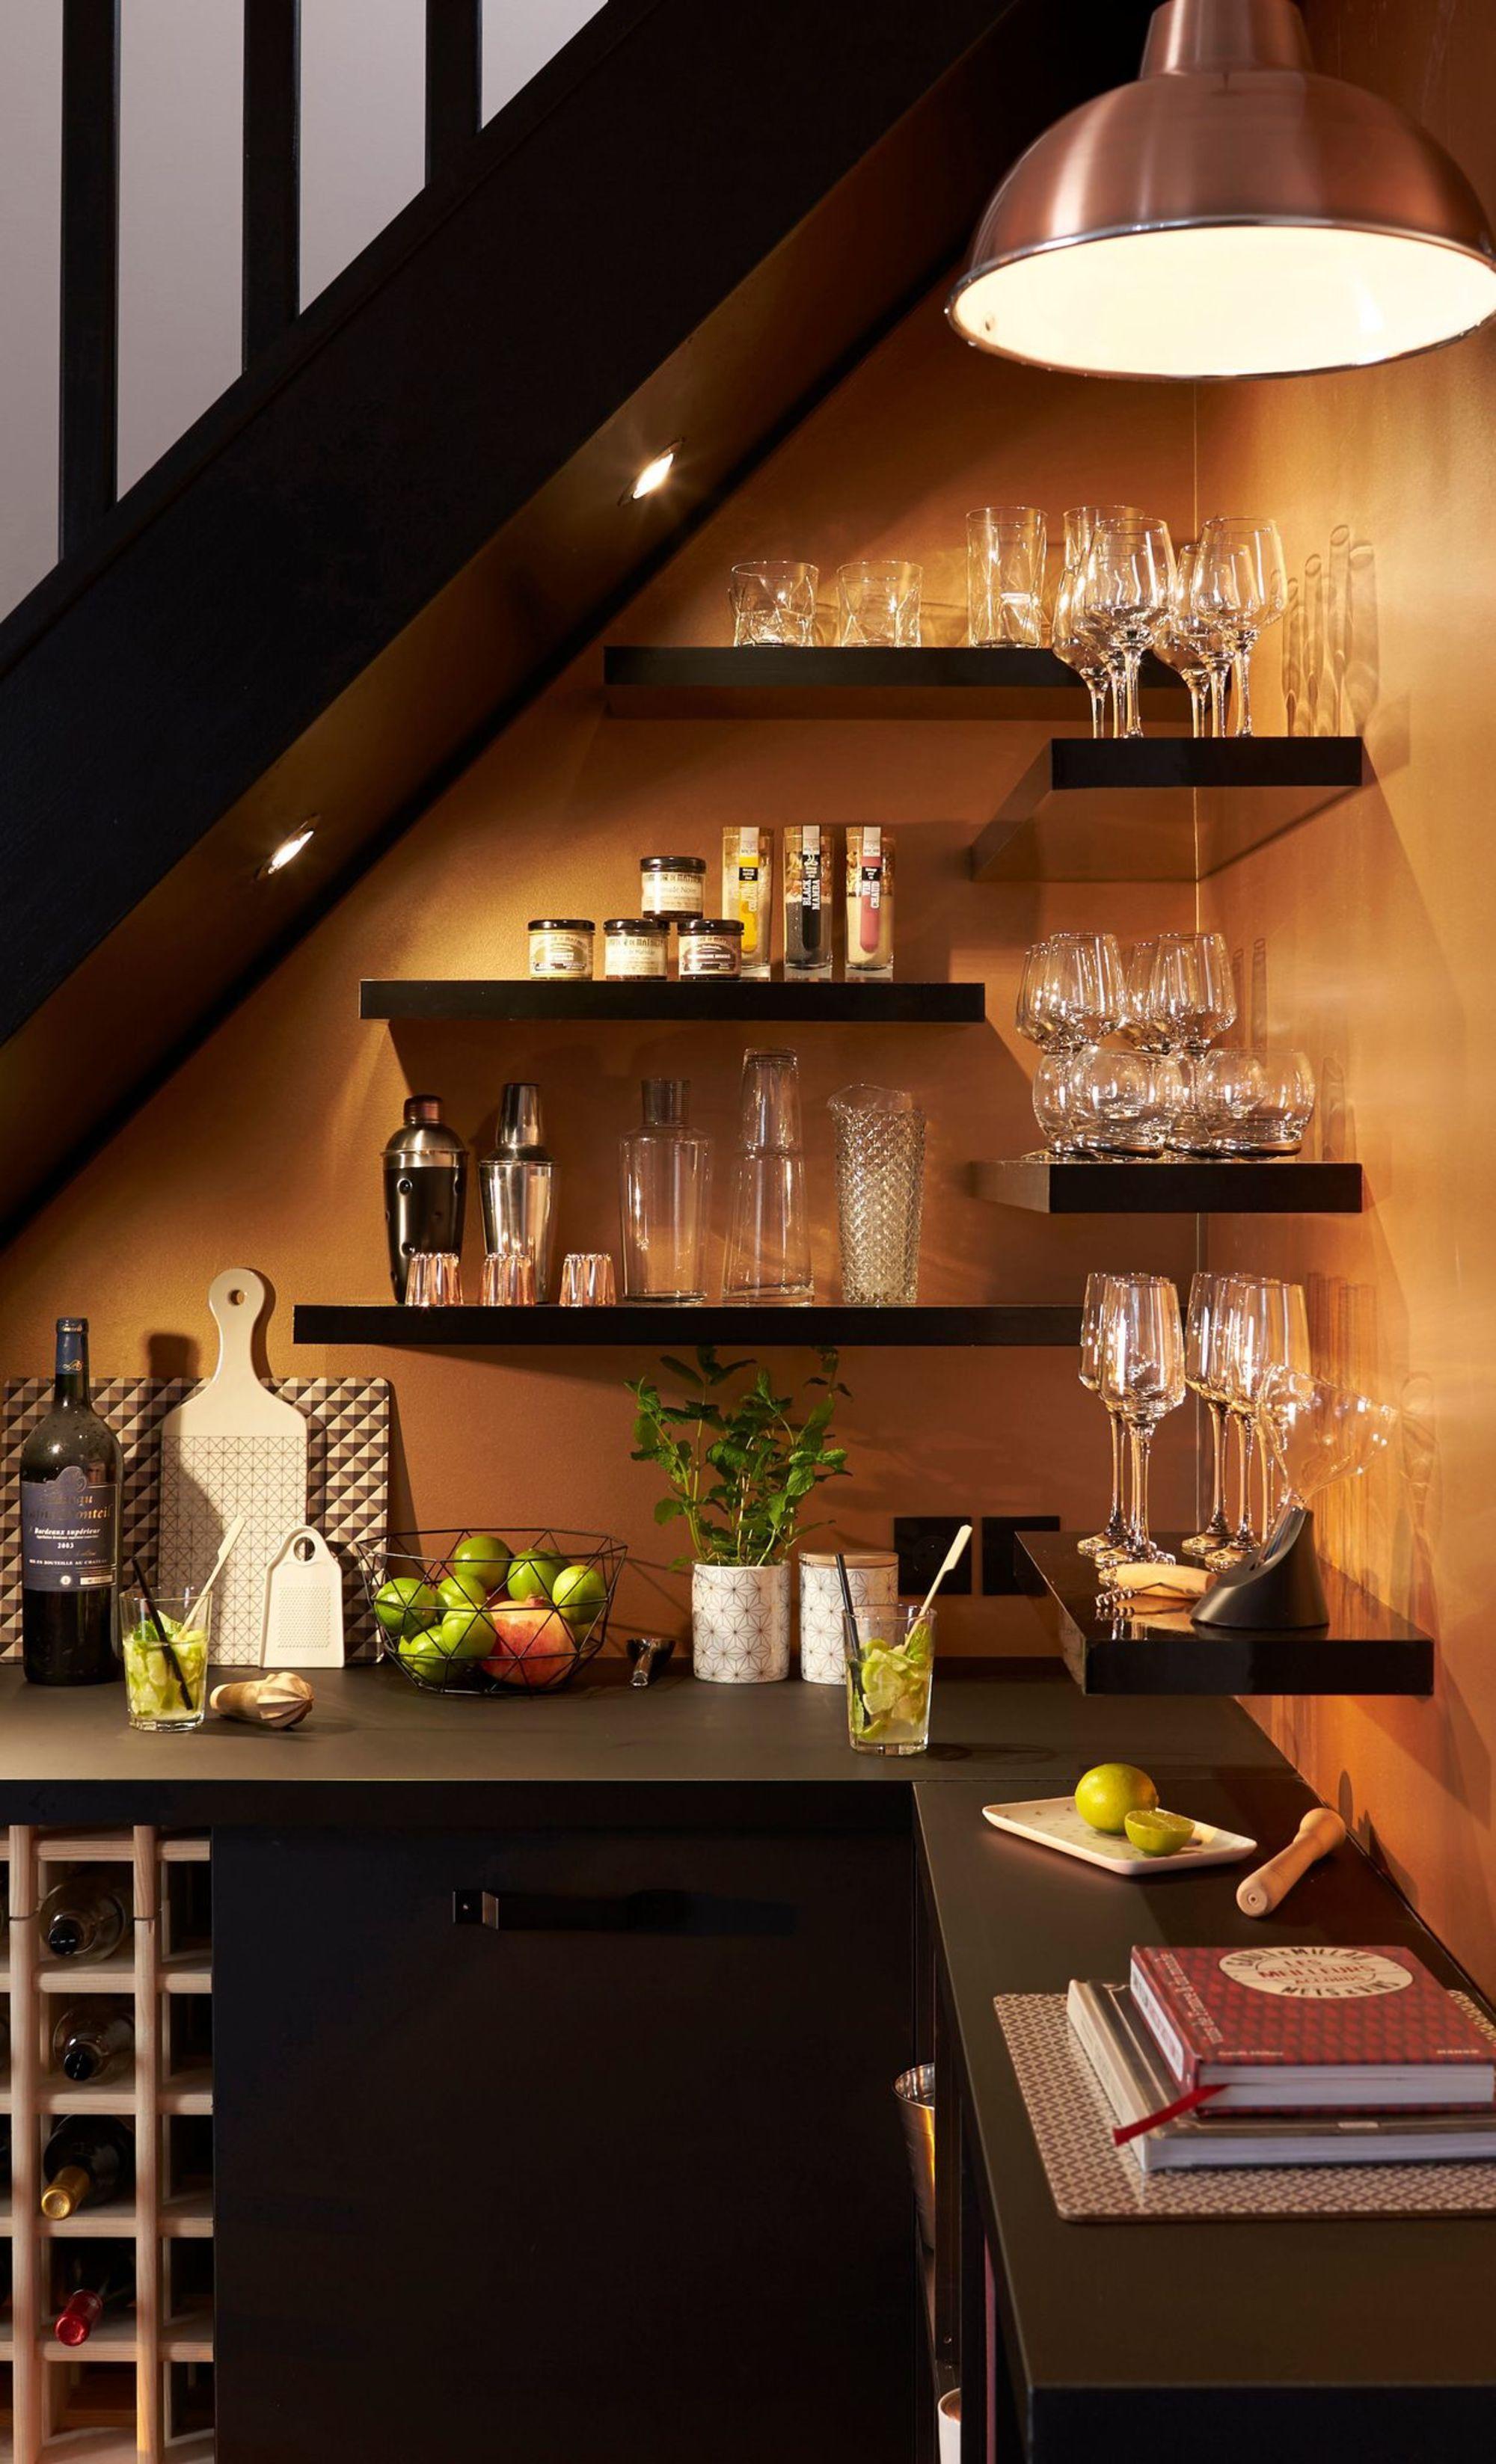 Rangement cuisine : nos idées déco pour une cuisine organisée